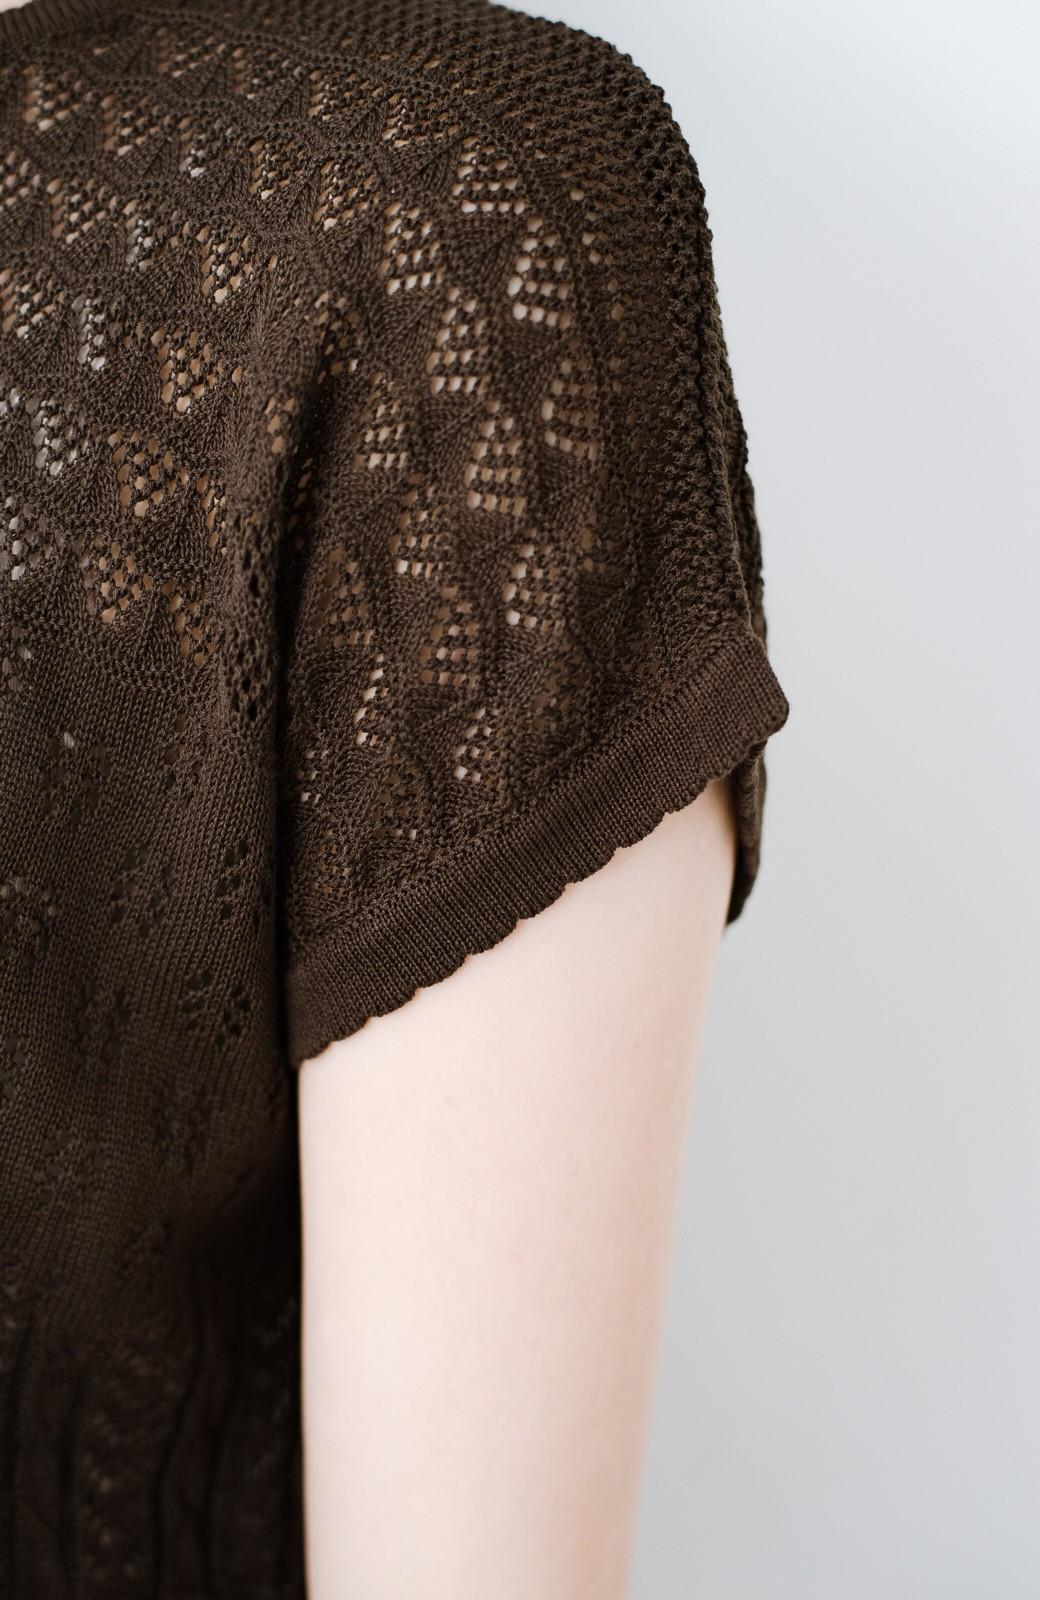 haco! 1枚でも重ね着にも便利なヘビロテしたくなる透かし編みニットトップス <チョコ>の商品写真6